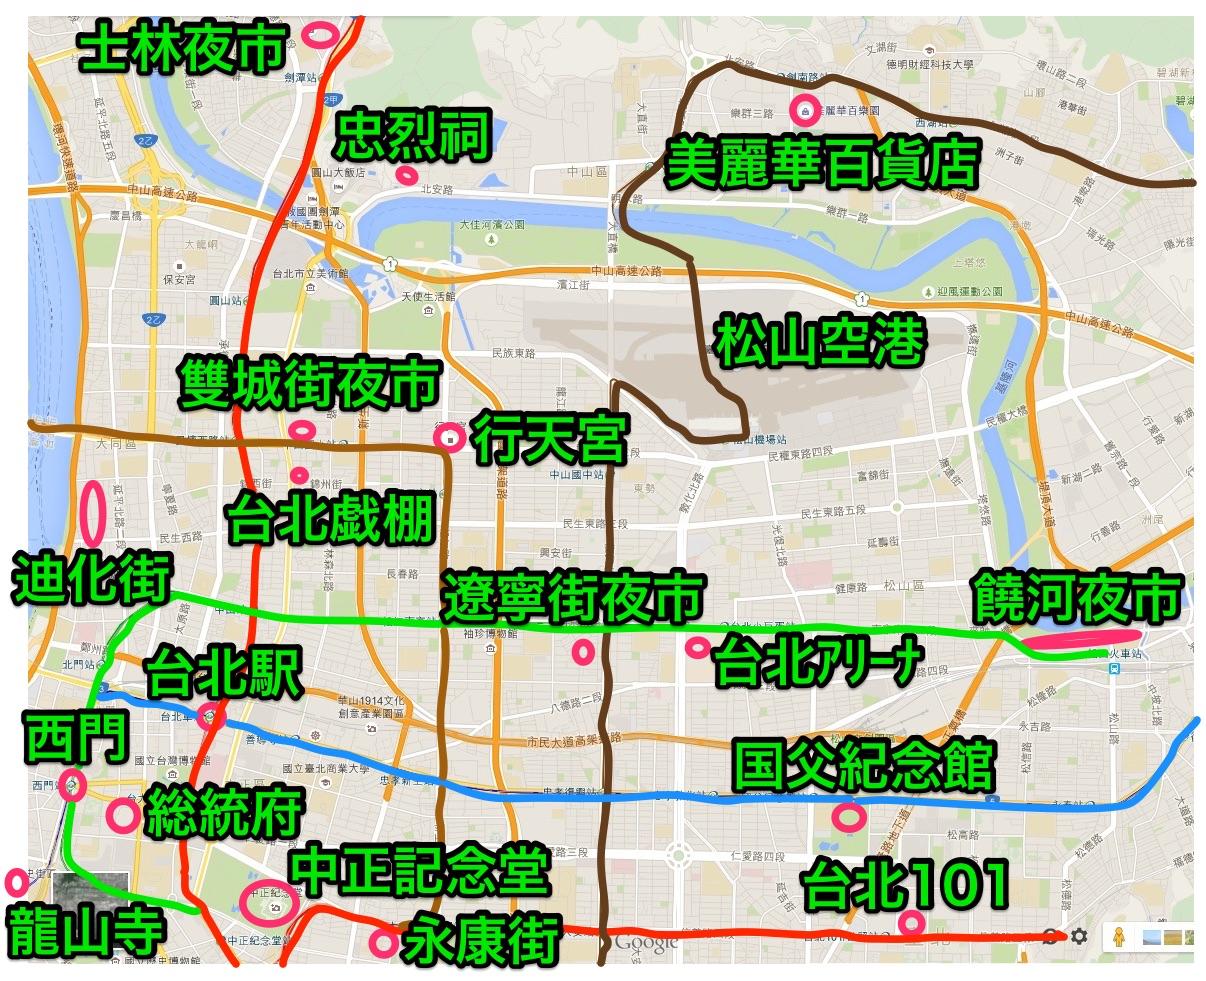 市内MRT観光マップ